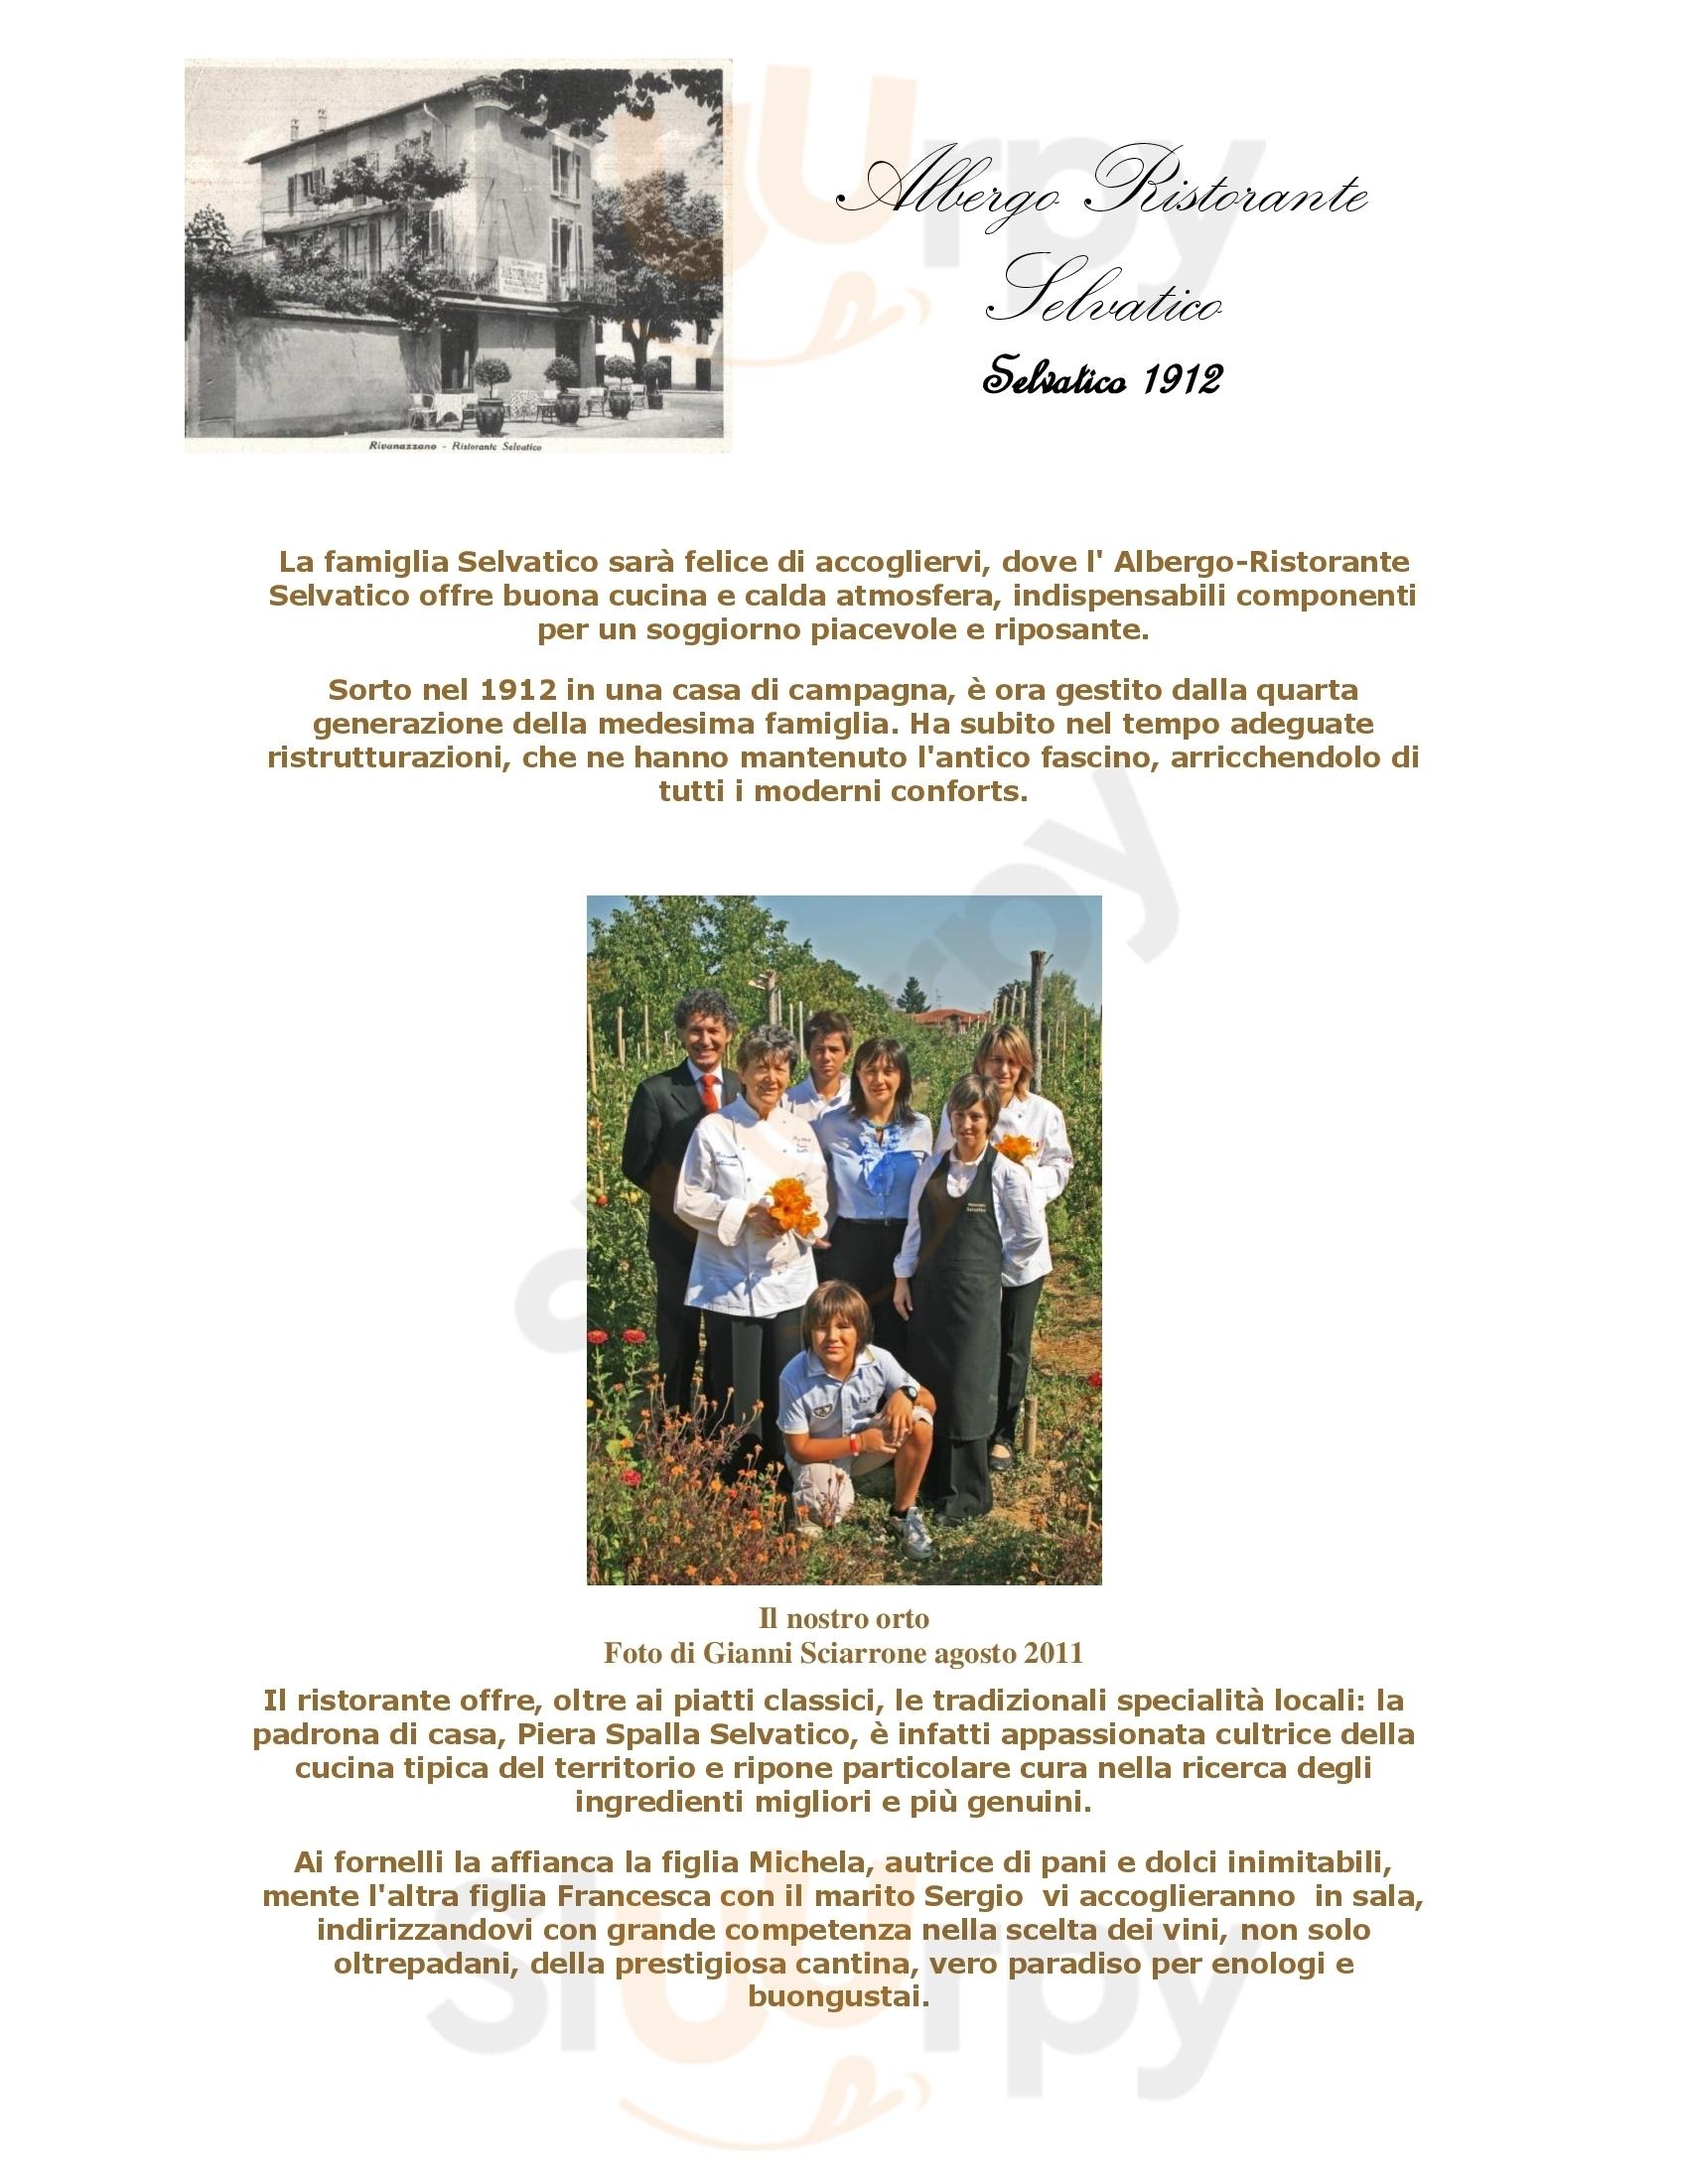 Albergo Ristorante Selvatico Rivanazzano Terme menù 1 pagina